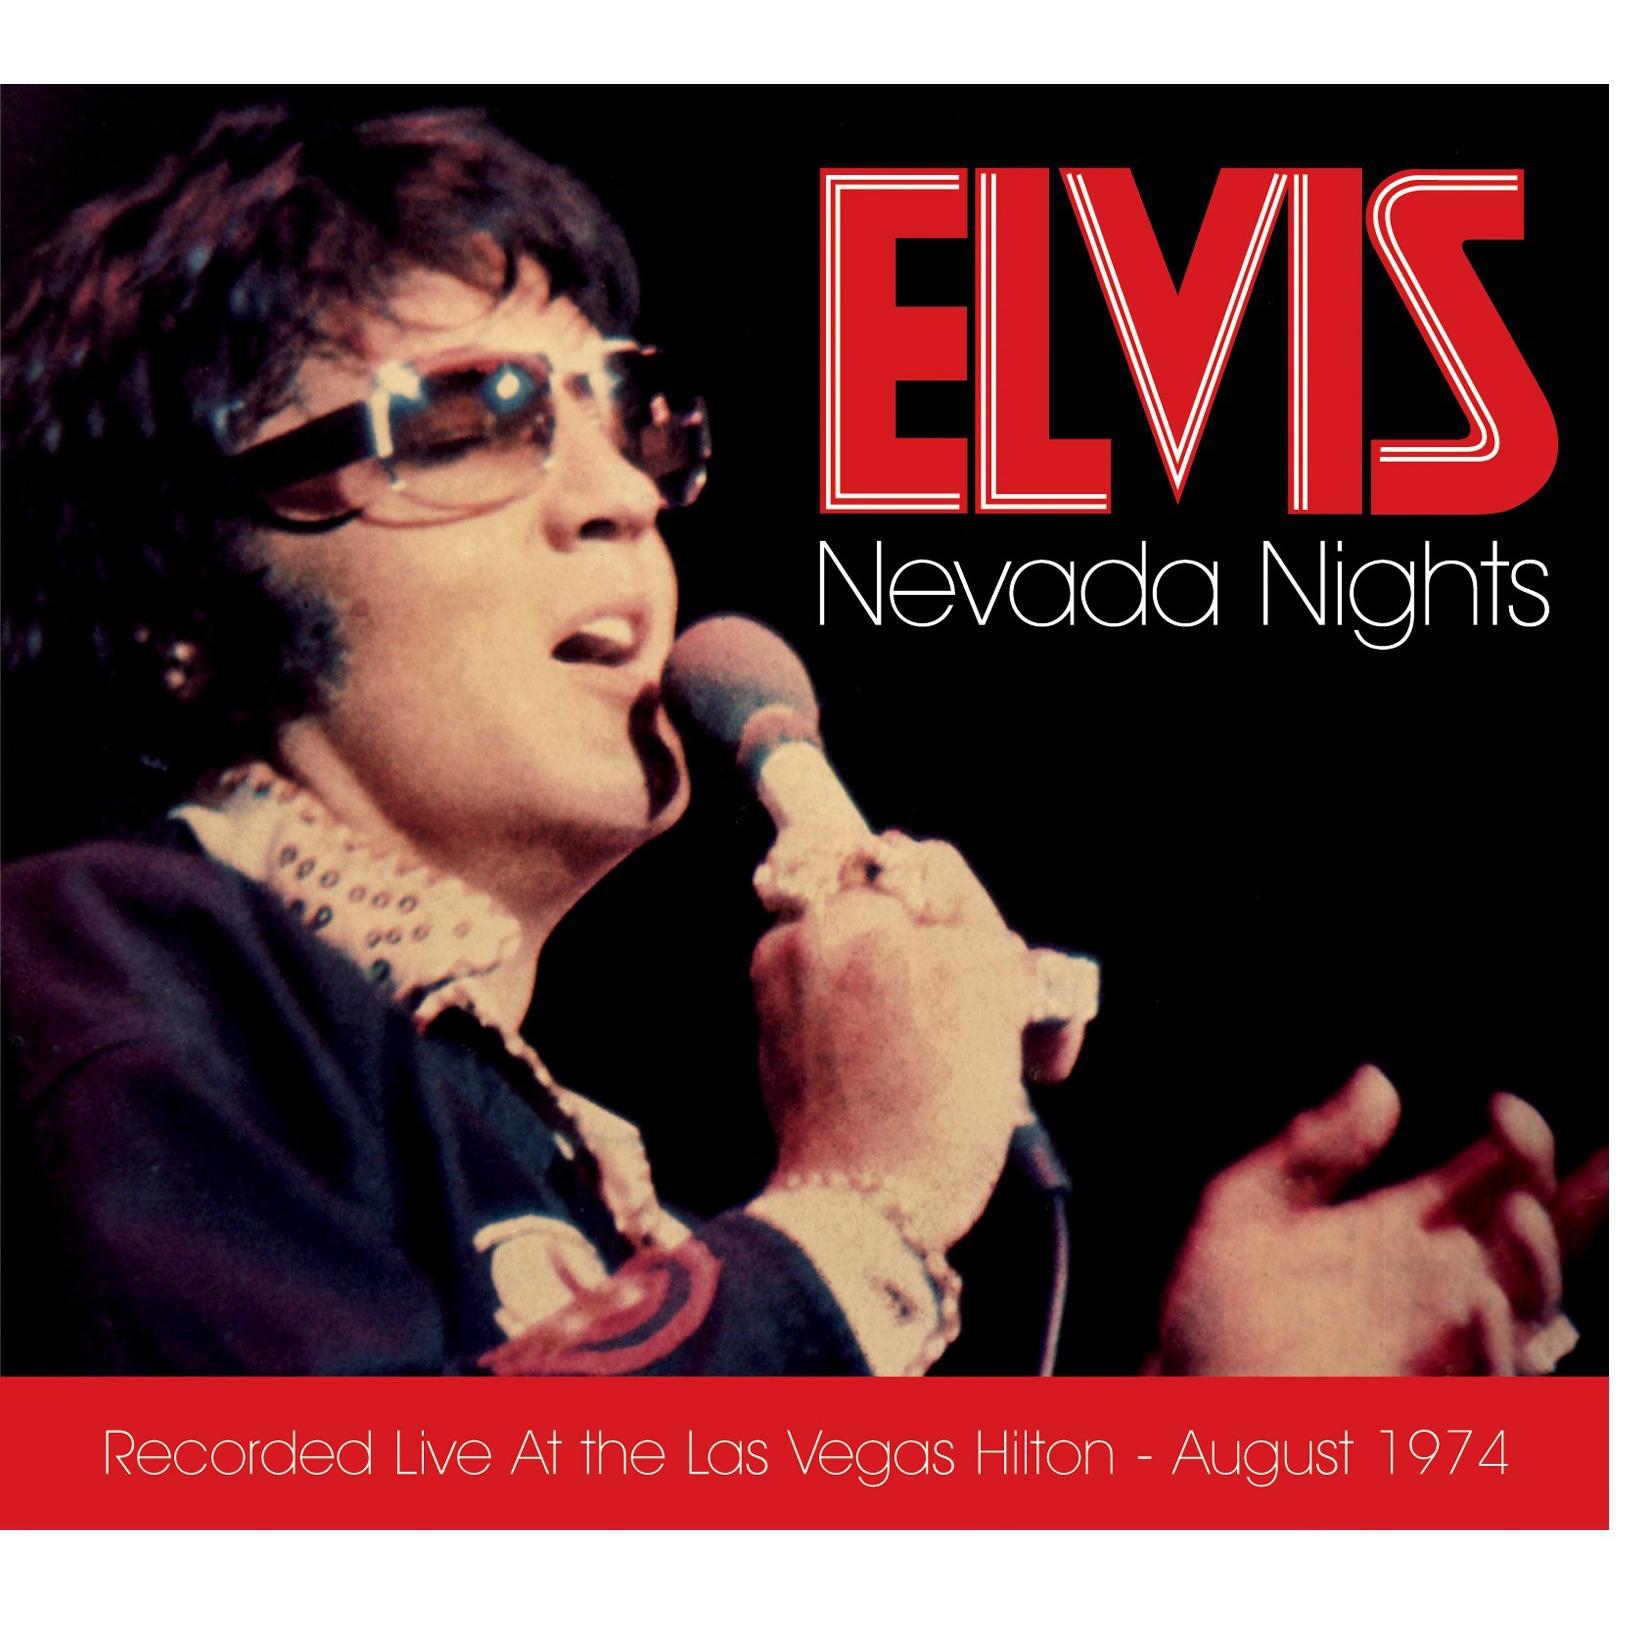 Elvis Nevada Nights FTD CD